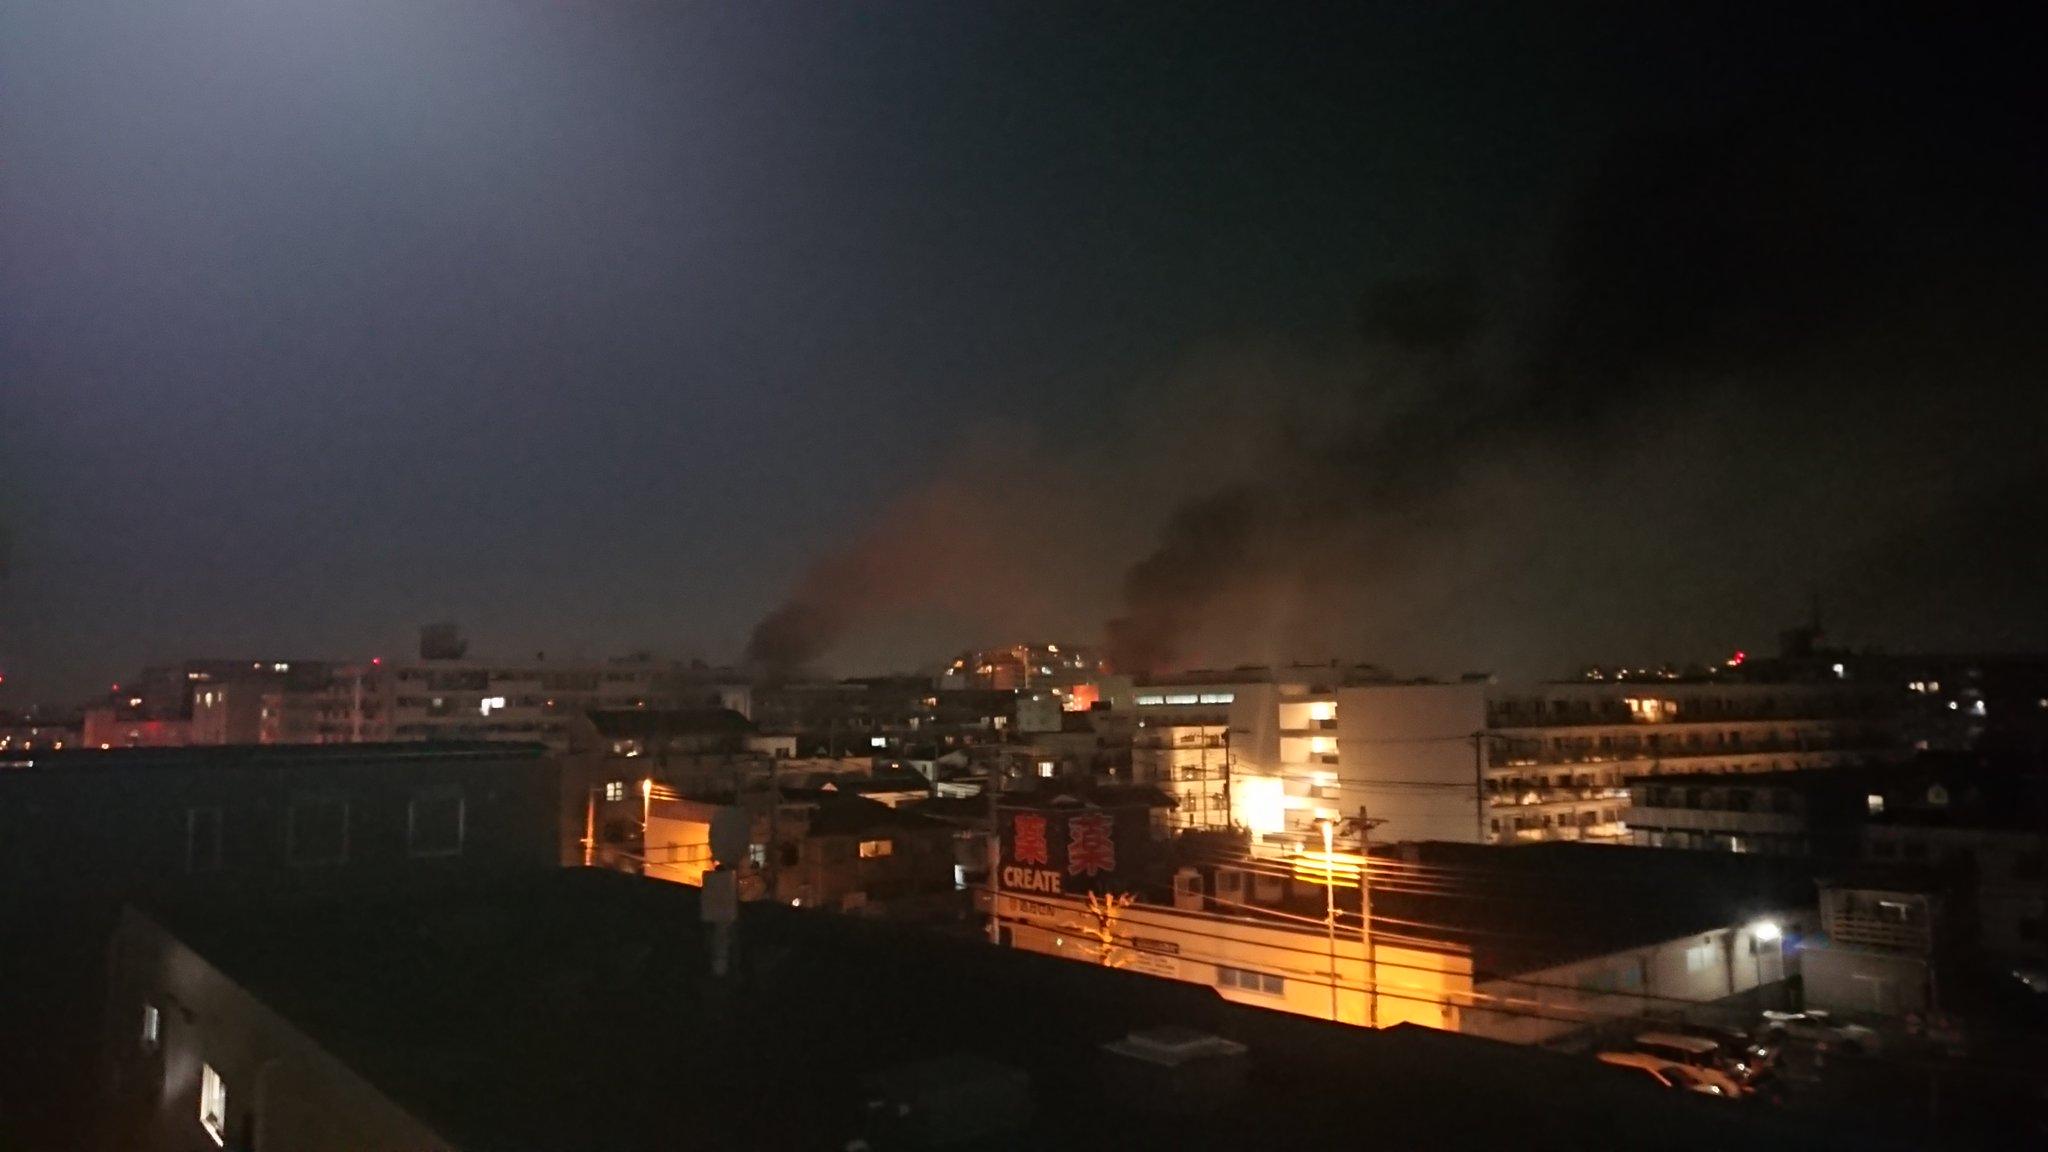 画像,#火災 #京三製作所?  #工場火災 #延焼現在 京三製作所辺りで火災慌てて近くの実家マンション登って取りました https://t.co/N1Ybxi2WCZ…